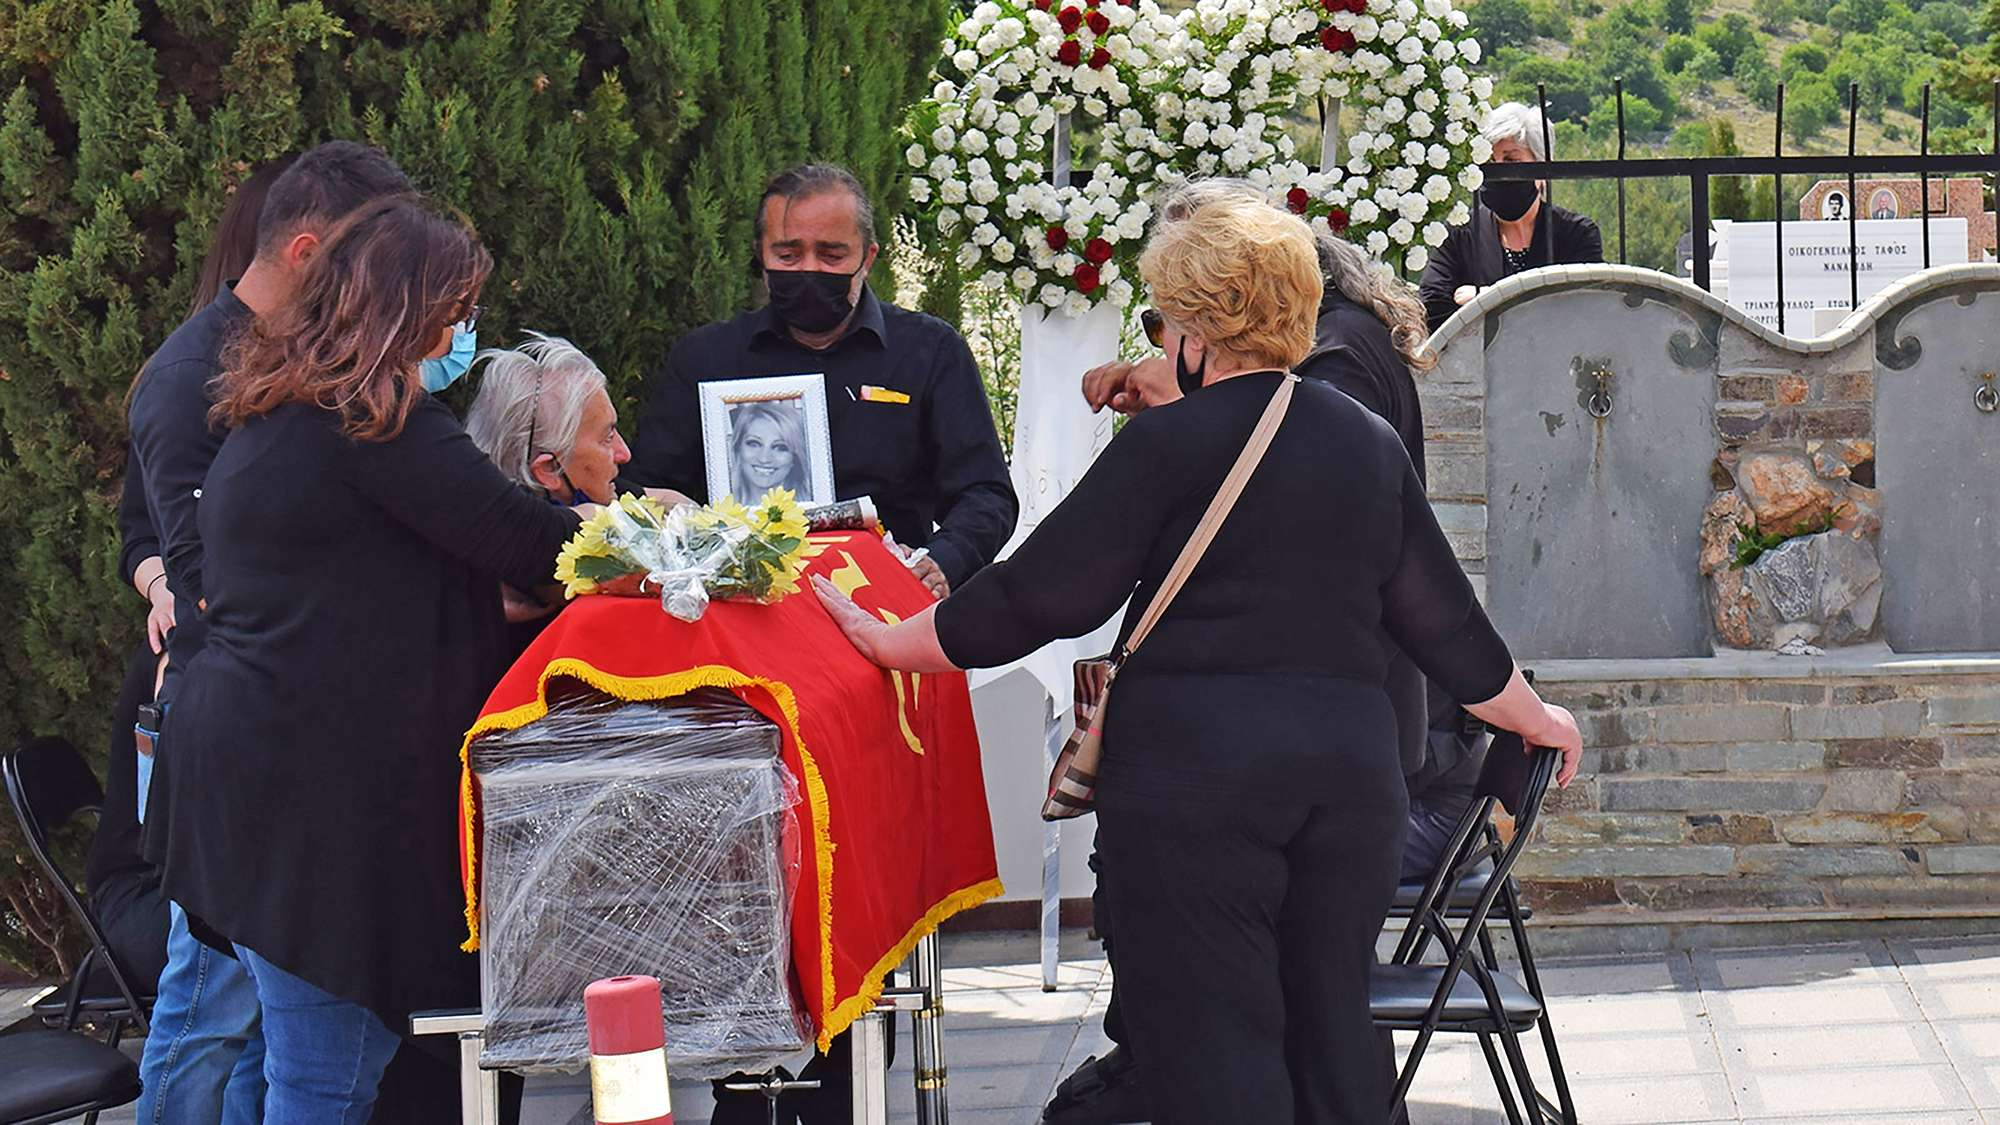 Τελευταίος αποχαιρετισμός στη συντρόφισσα Σοφία Αδαμίδου